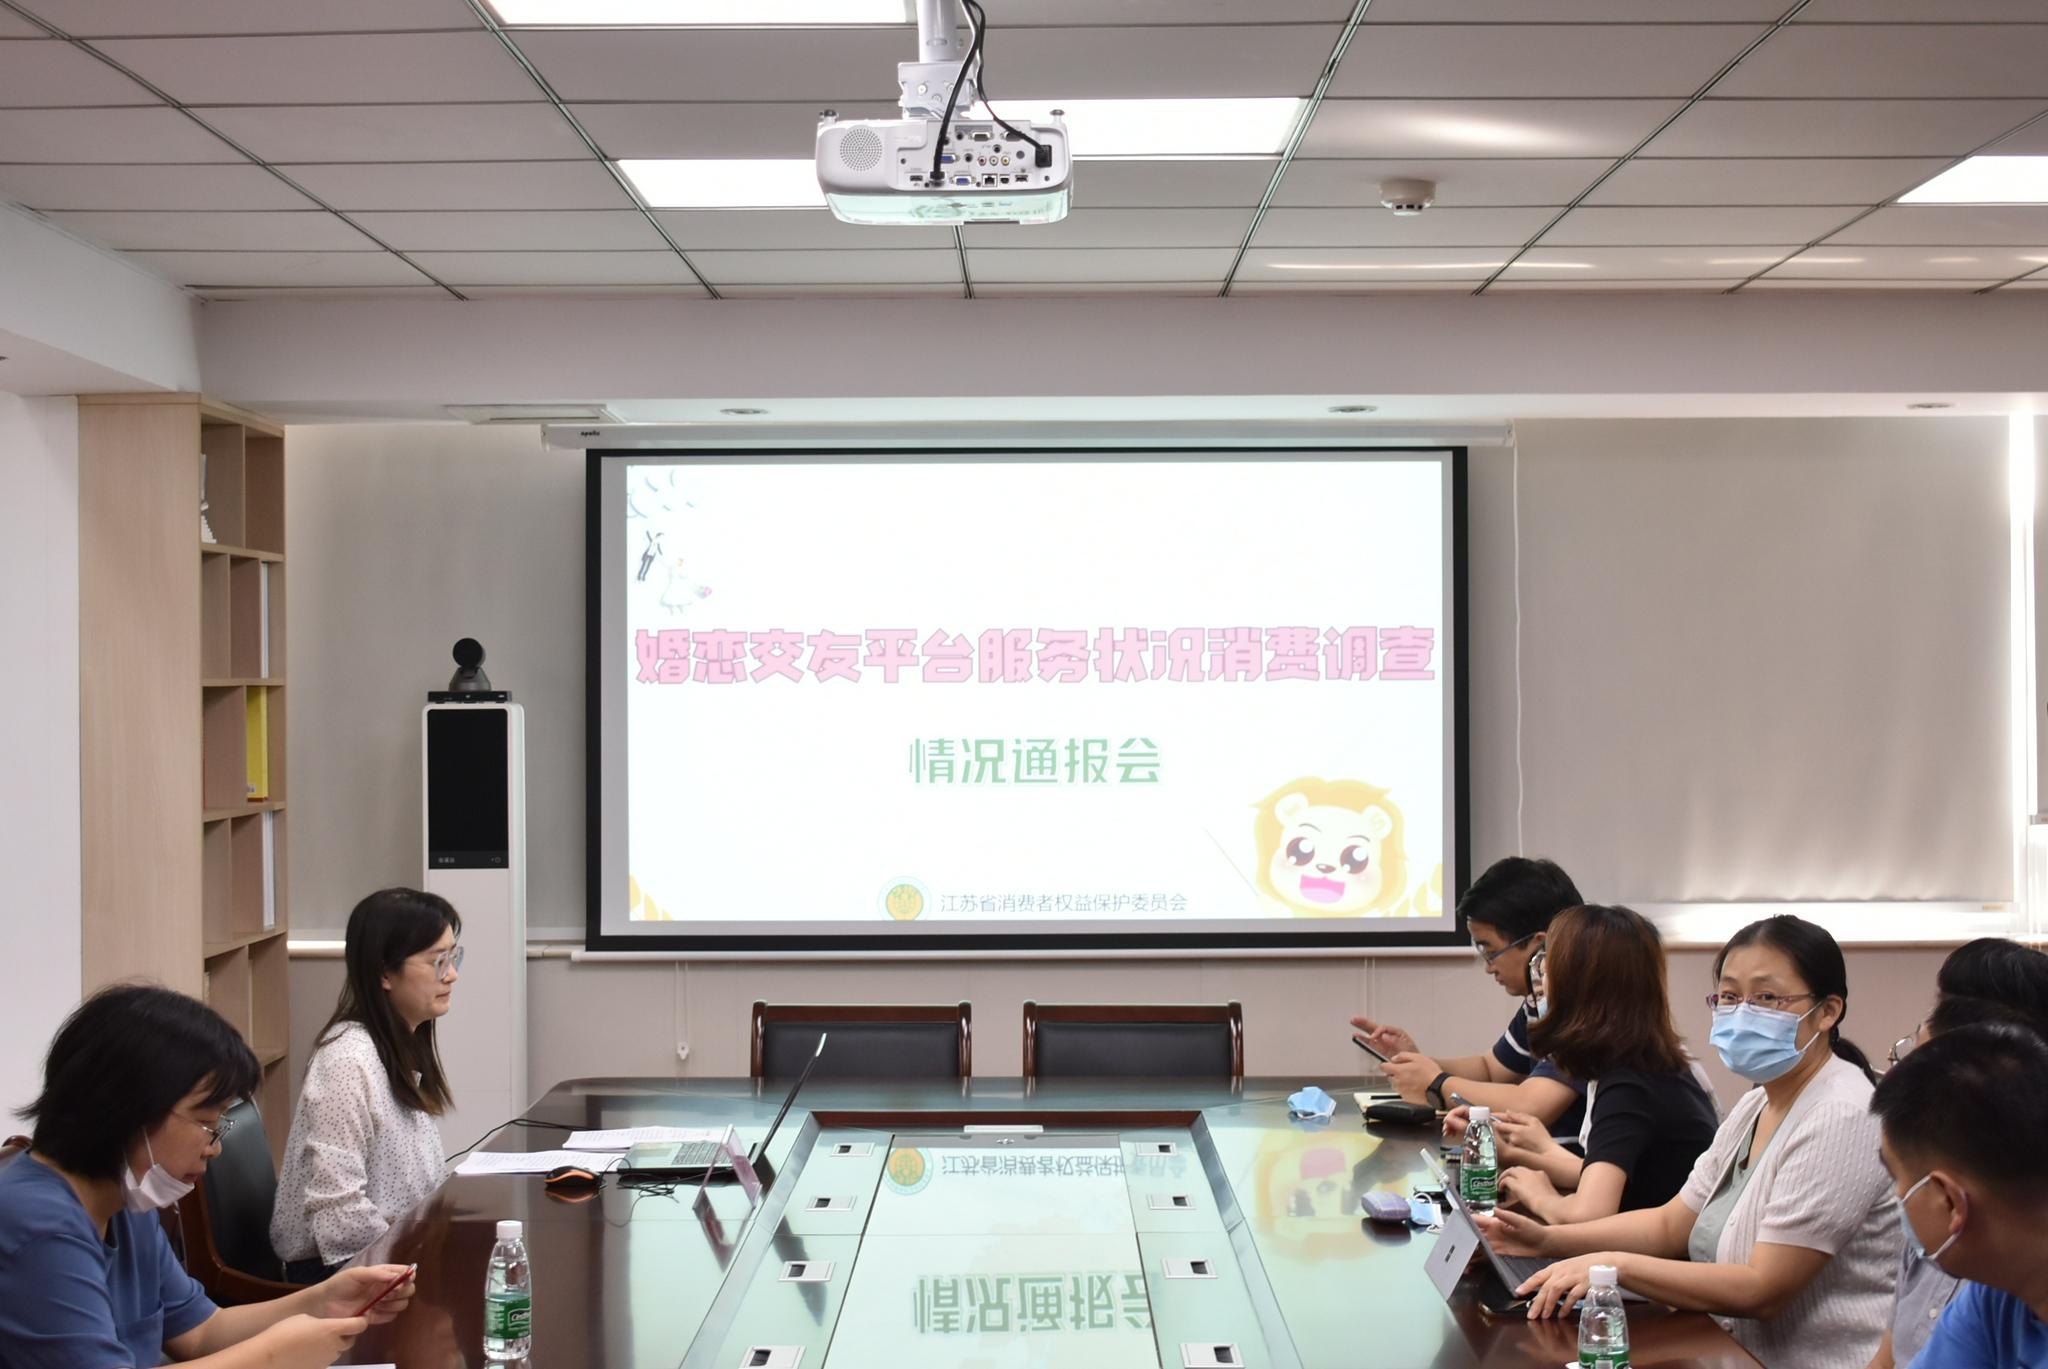 """江苏省消保委调查发现婚恋交友平台""""漏洞百出"""""""